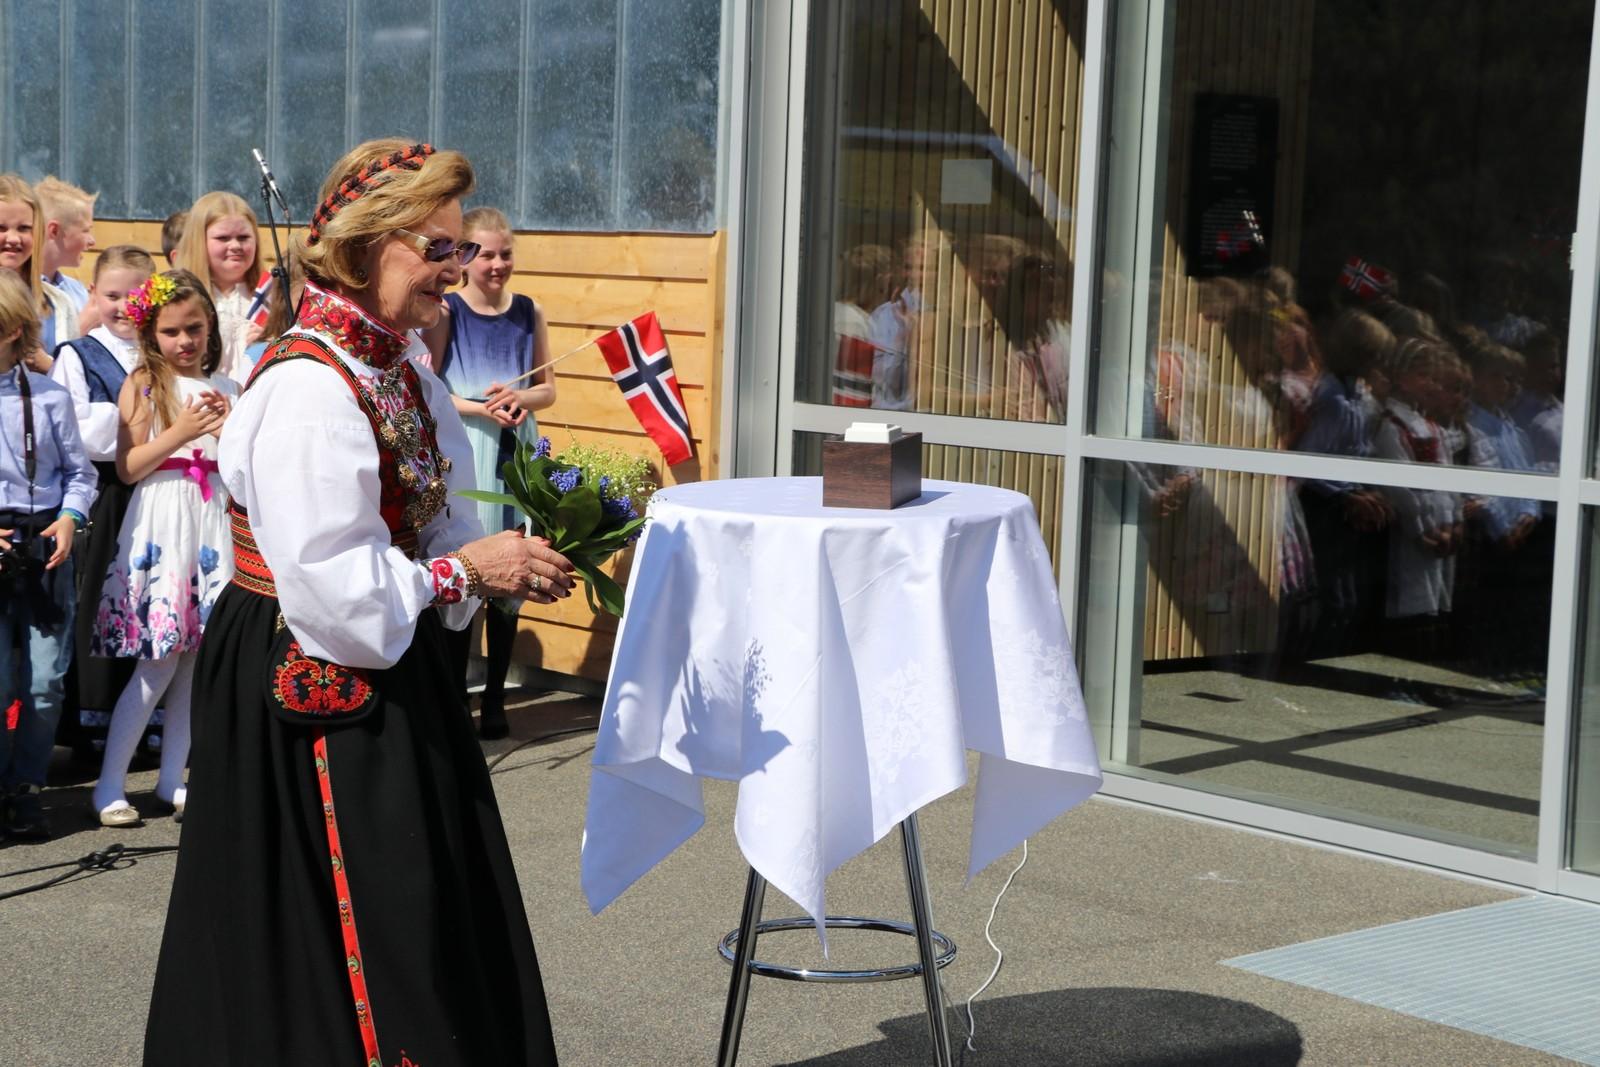 FJELLDRONNINGA: Dornning Sonja stod for den offisielle opninga av ei av verdas brattaste gondolbaner.